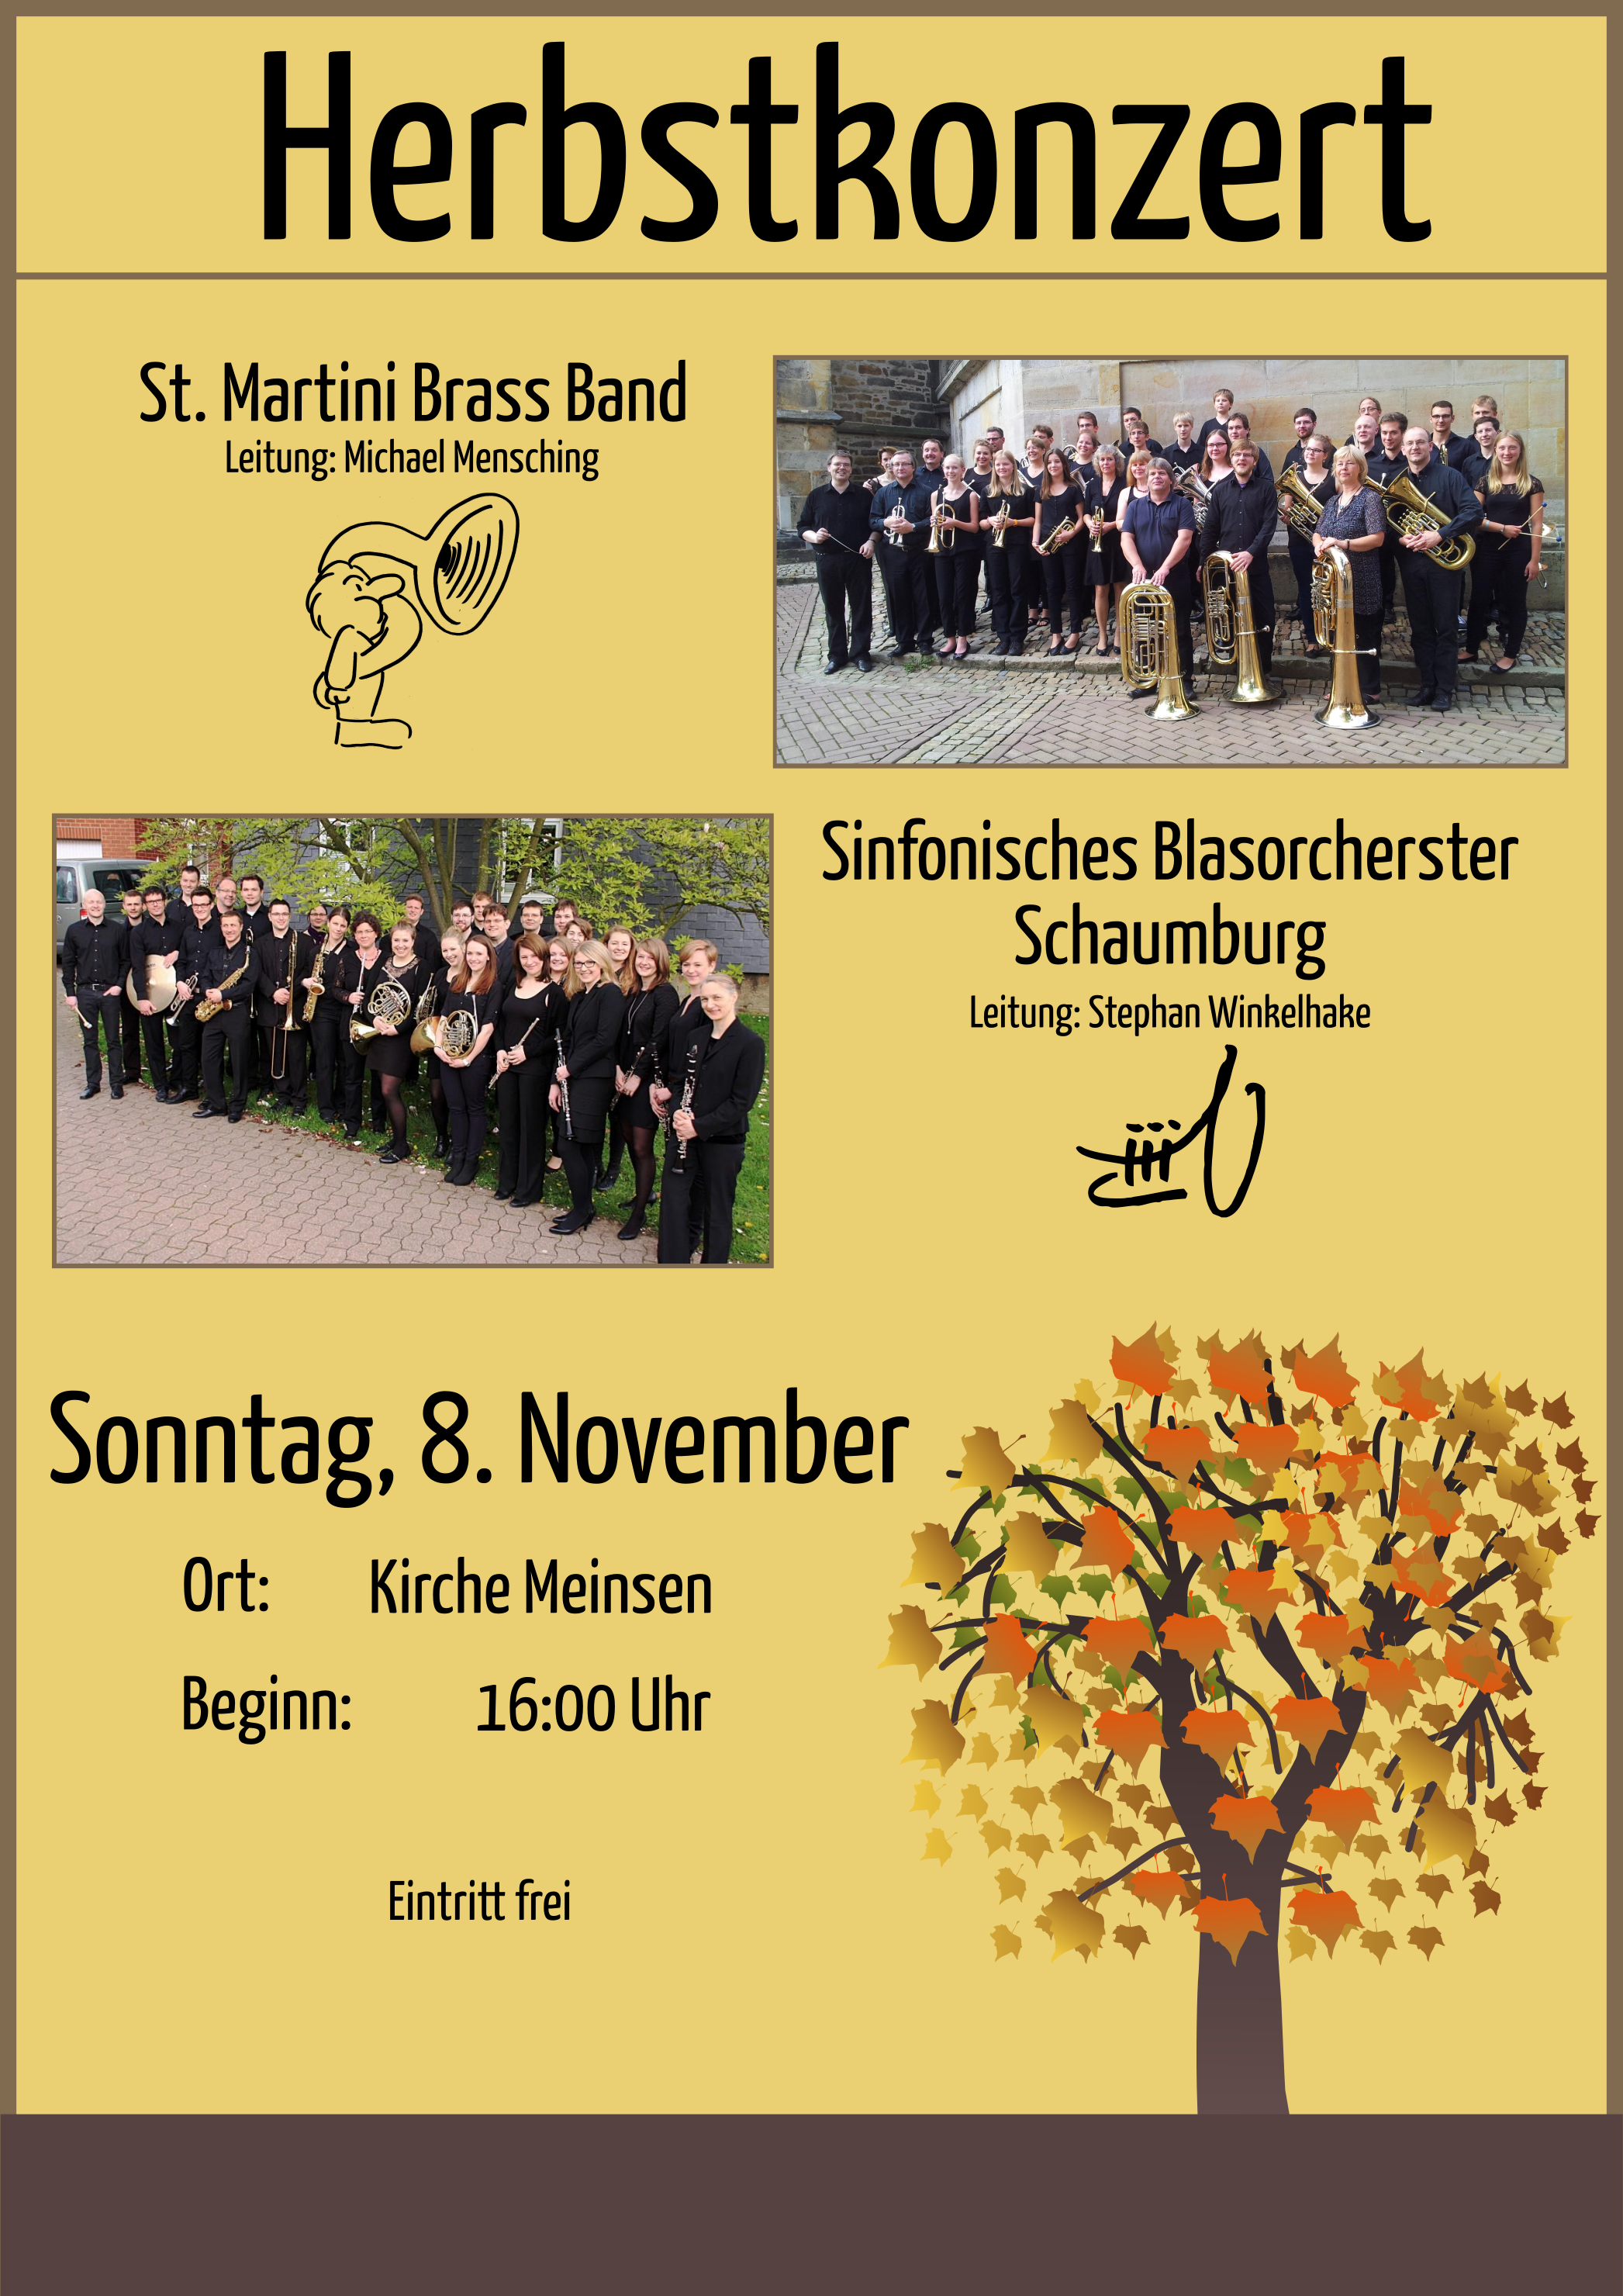 Plakat zum gemeinsamen Herbstkonzert der St. Martini Brass Band aus Stadthagen und dem Sinfonischem Blasorchester Schaumburg am 08.11.2015.